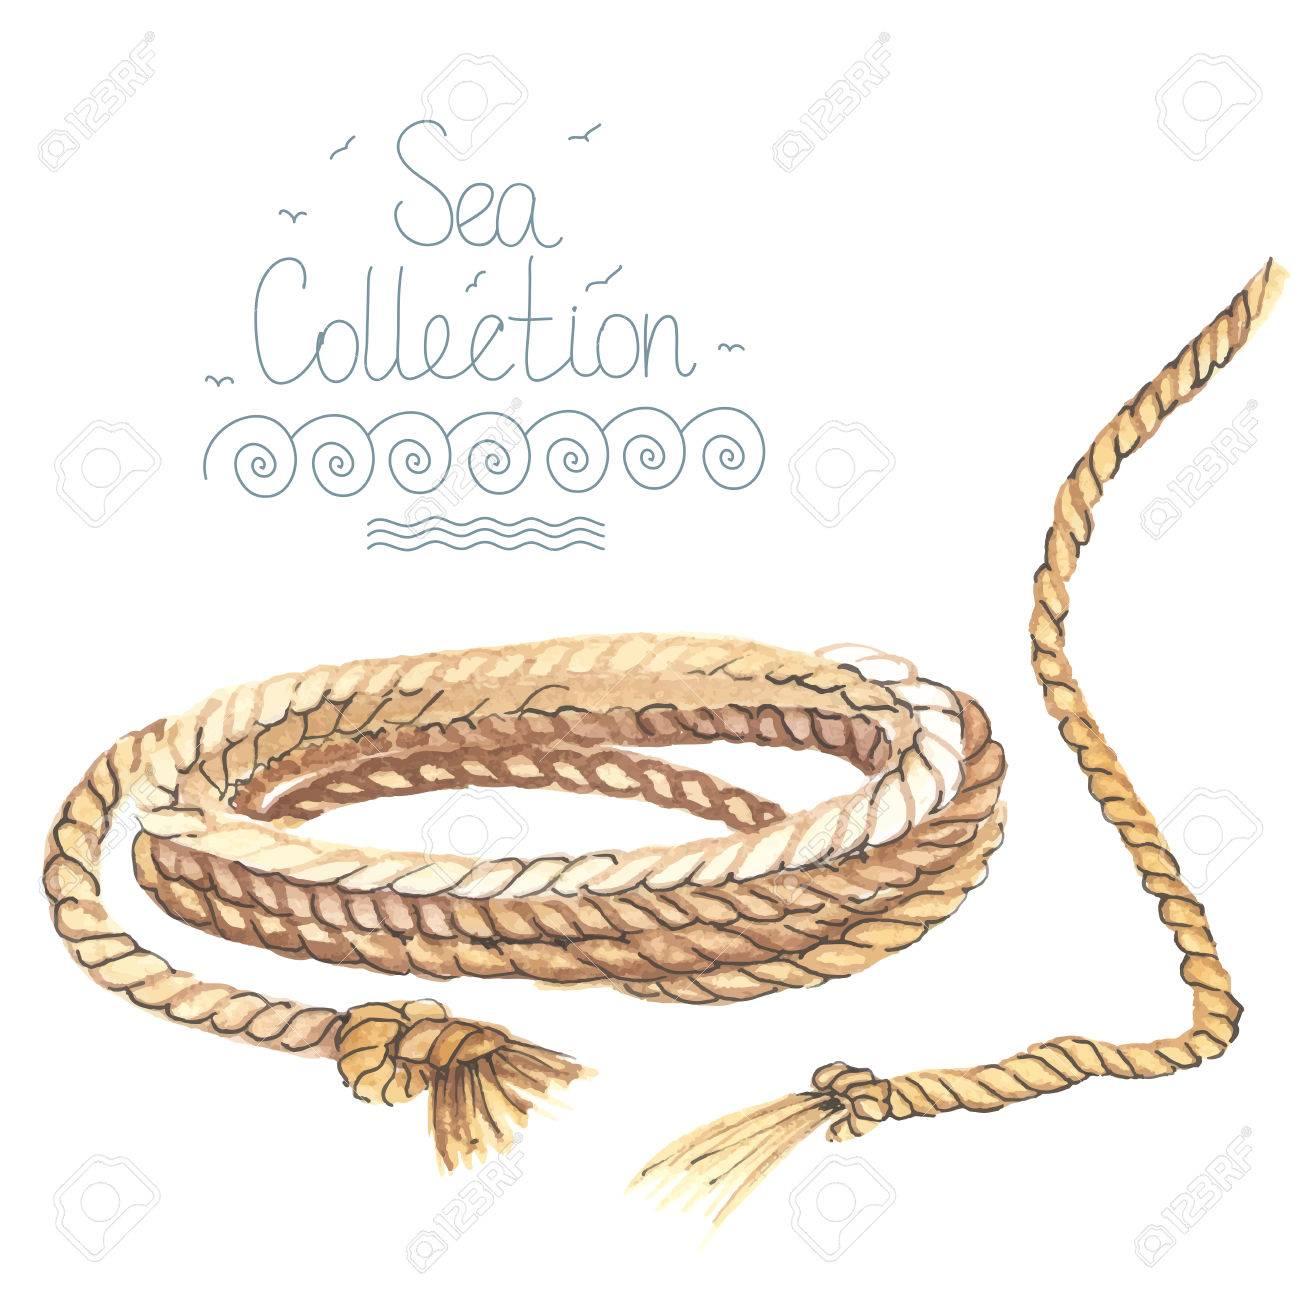 Aquarell Nautische Seil Isoliert Auf Weißem Hintergrund. Made In ...